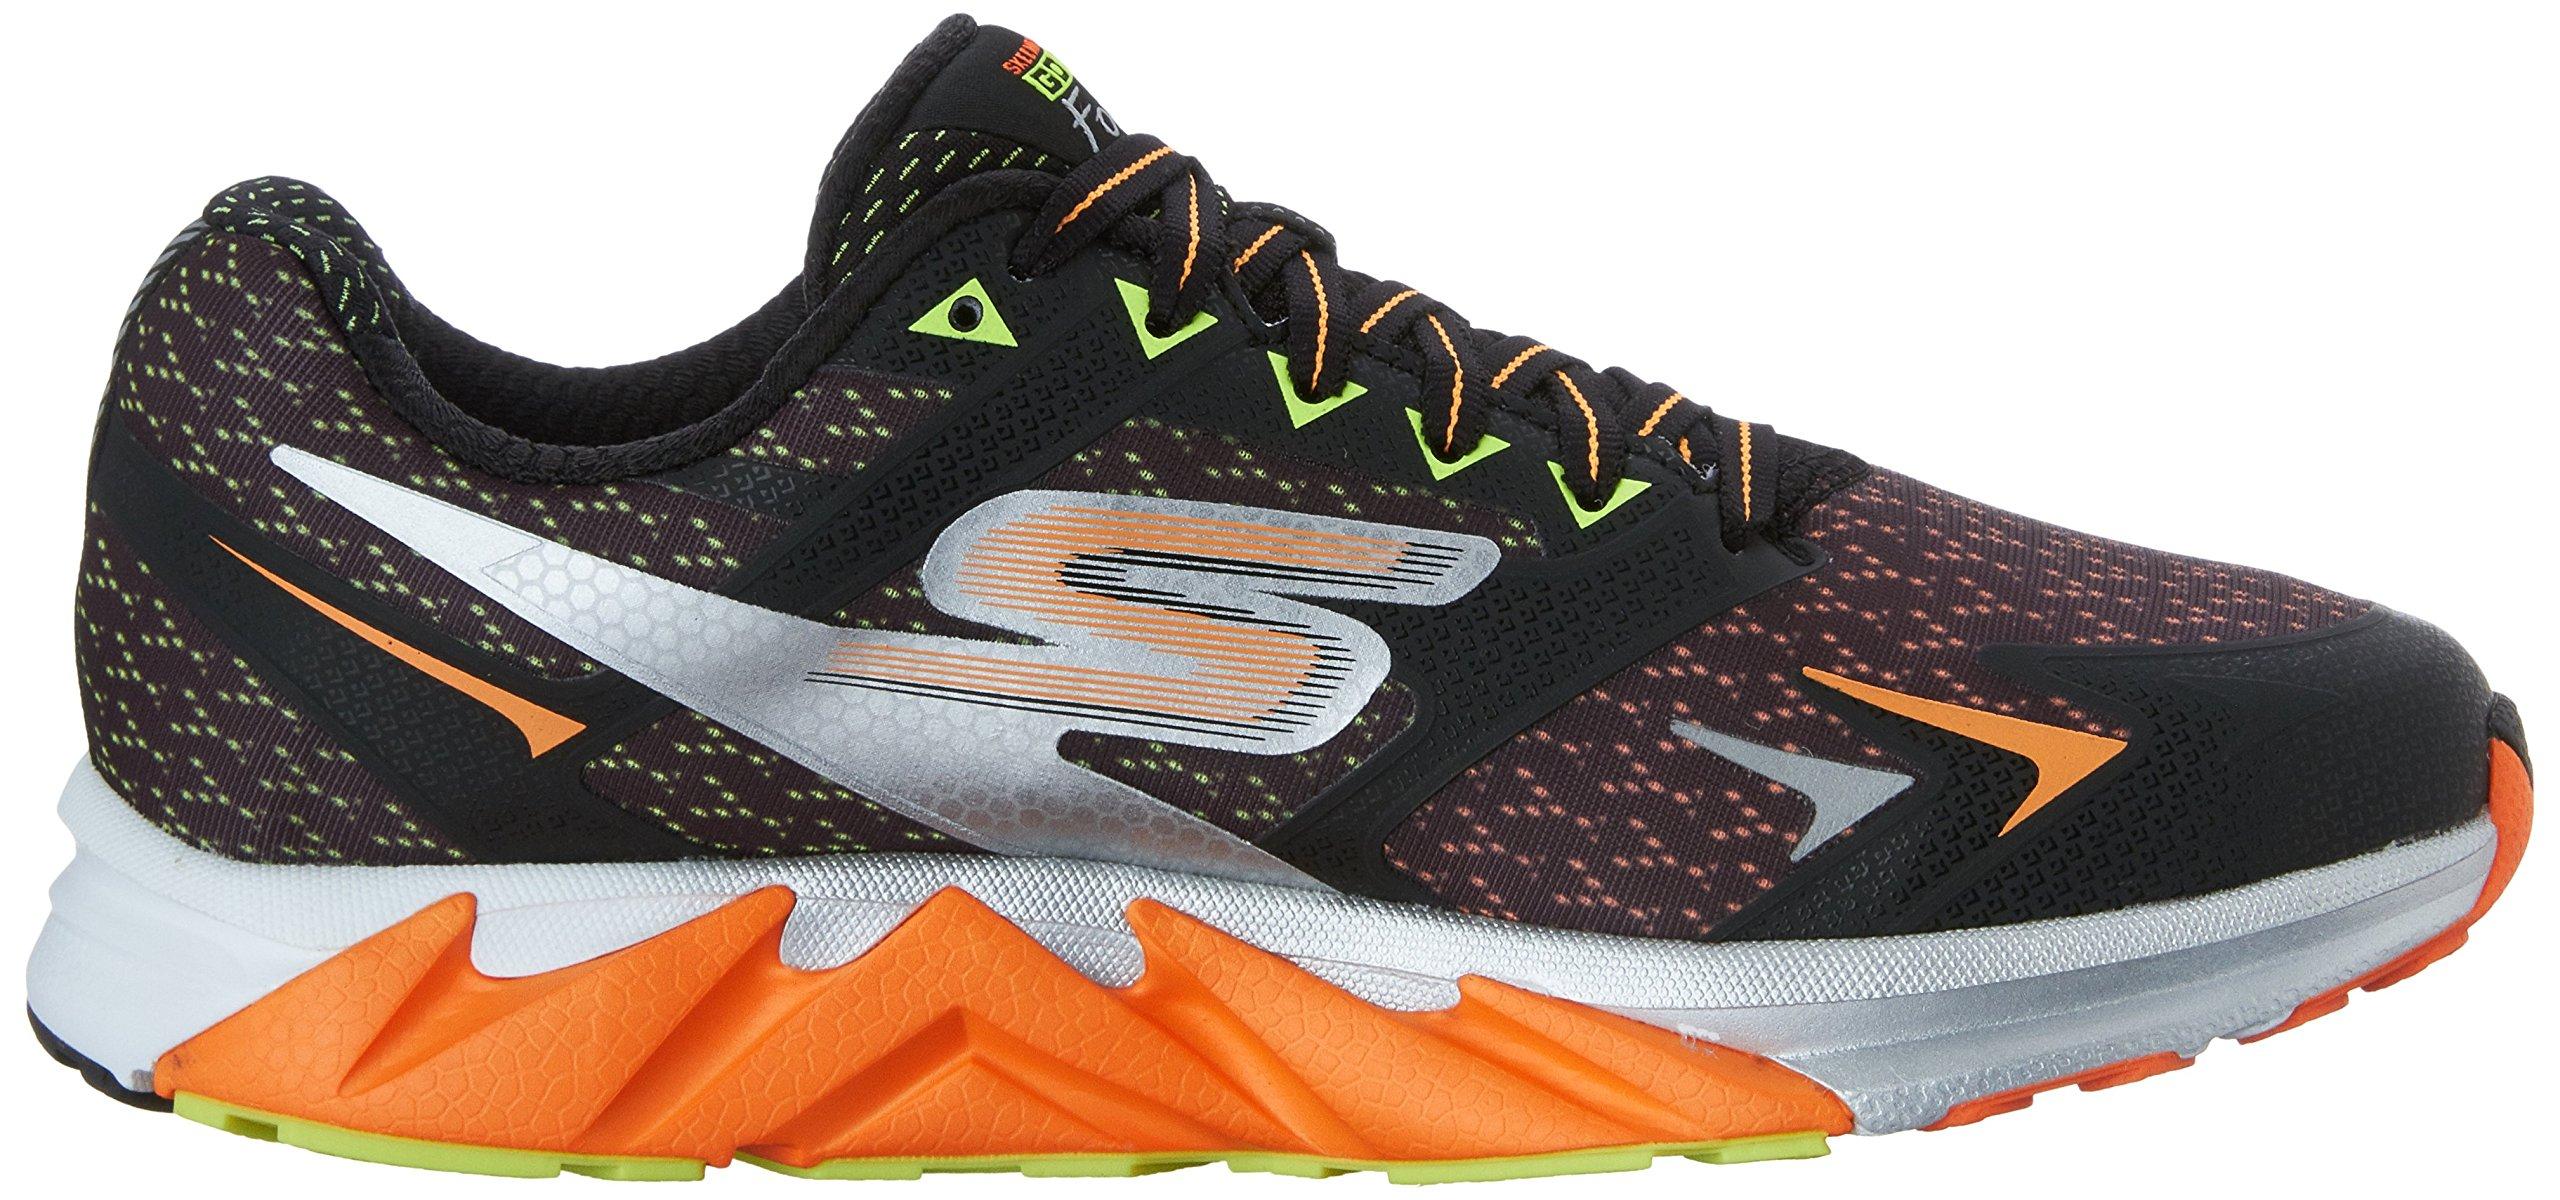 812XZp4SIWL - Skechers Men's Go Forza Running Shoes